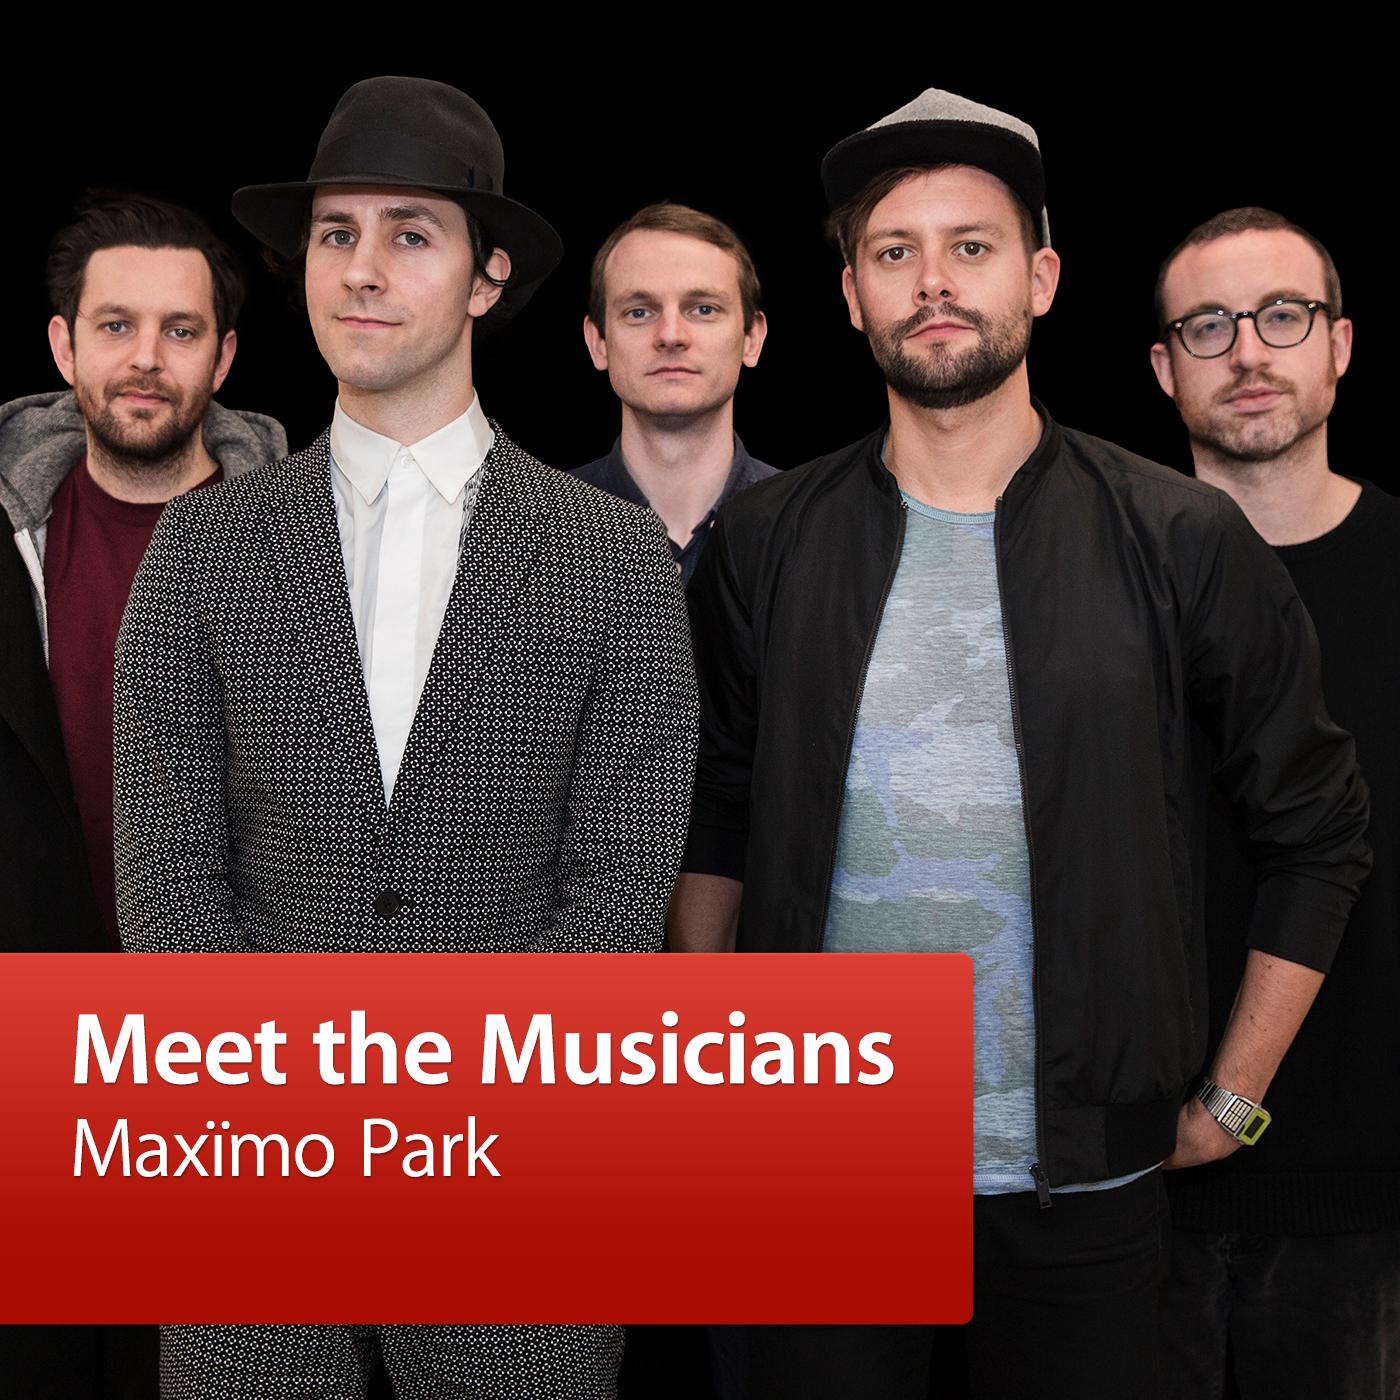 Maxïmo Park: Meet the Musician